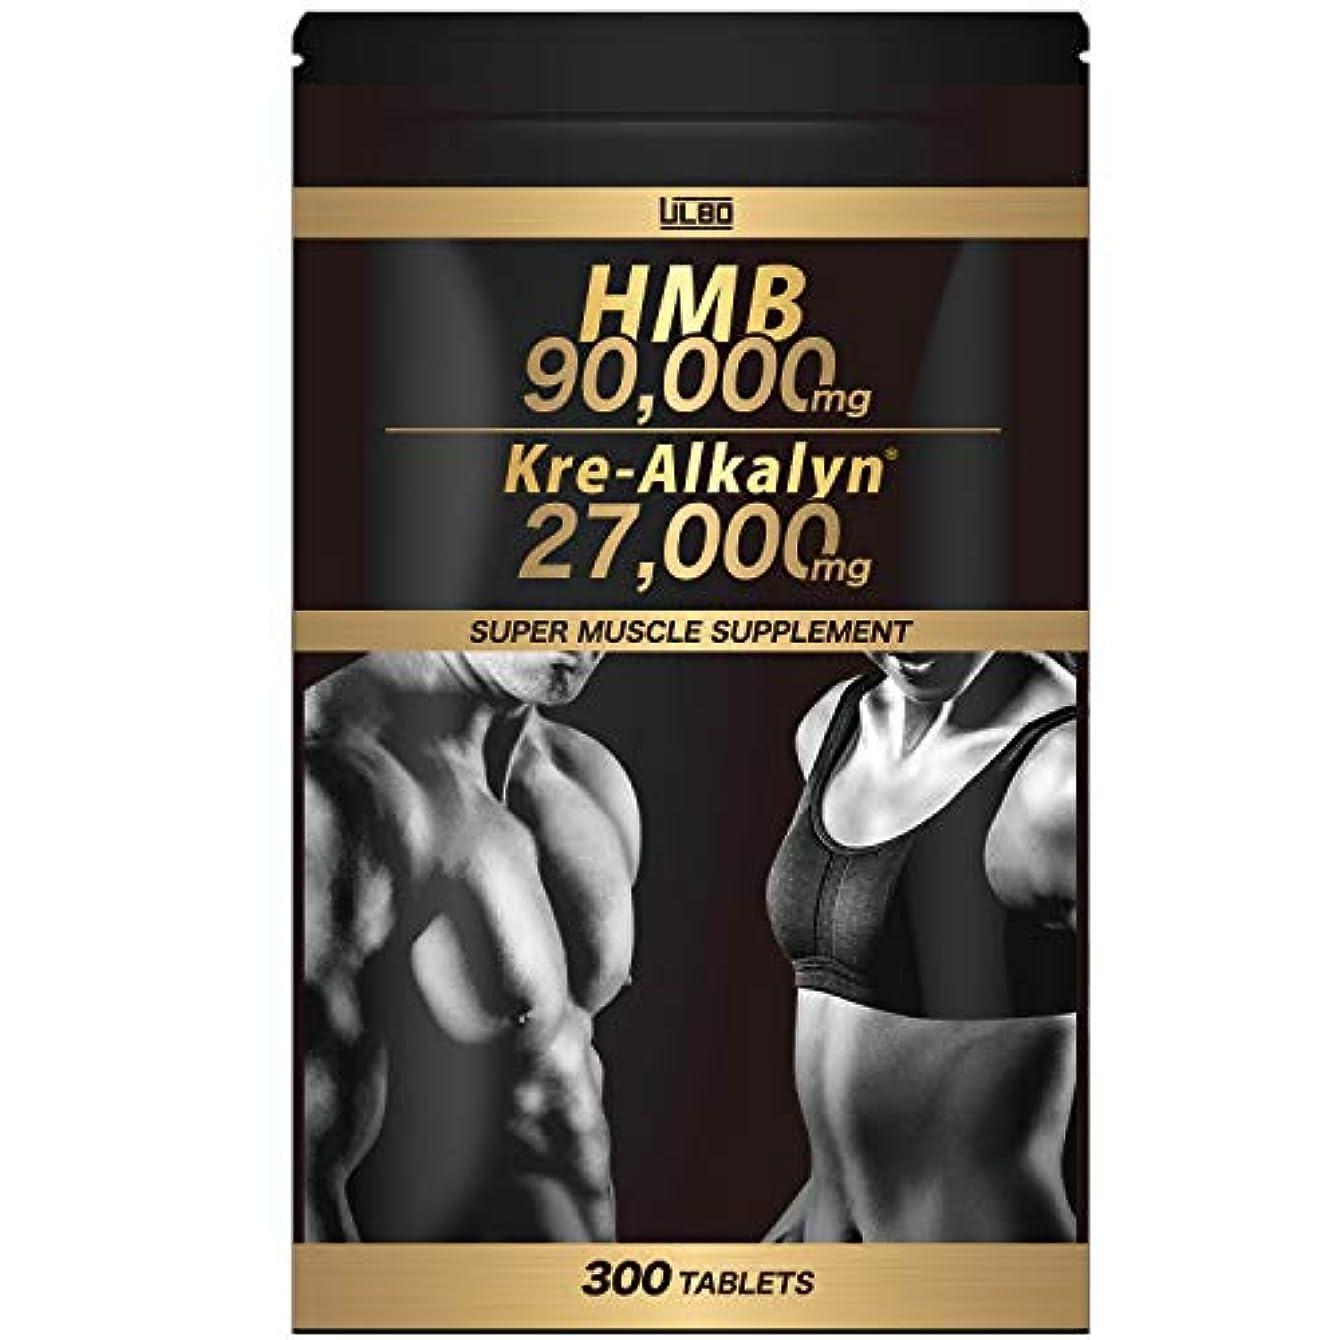 闇魅力的ヒューズULBO HMB 吸収効率3.3倍 高純度クレアチン サプリメント 1袋HMB90,000mg配合